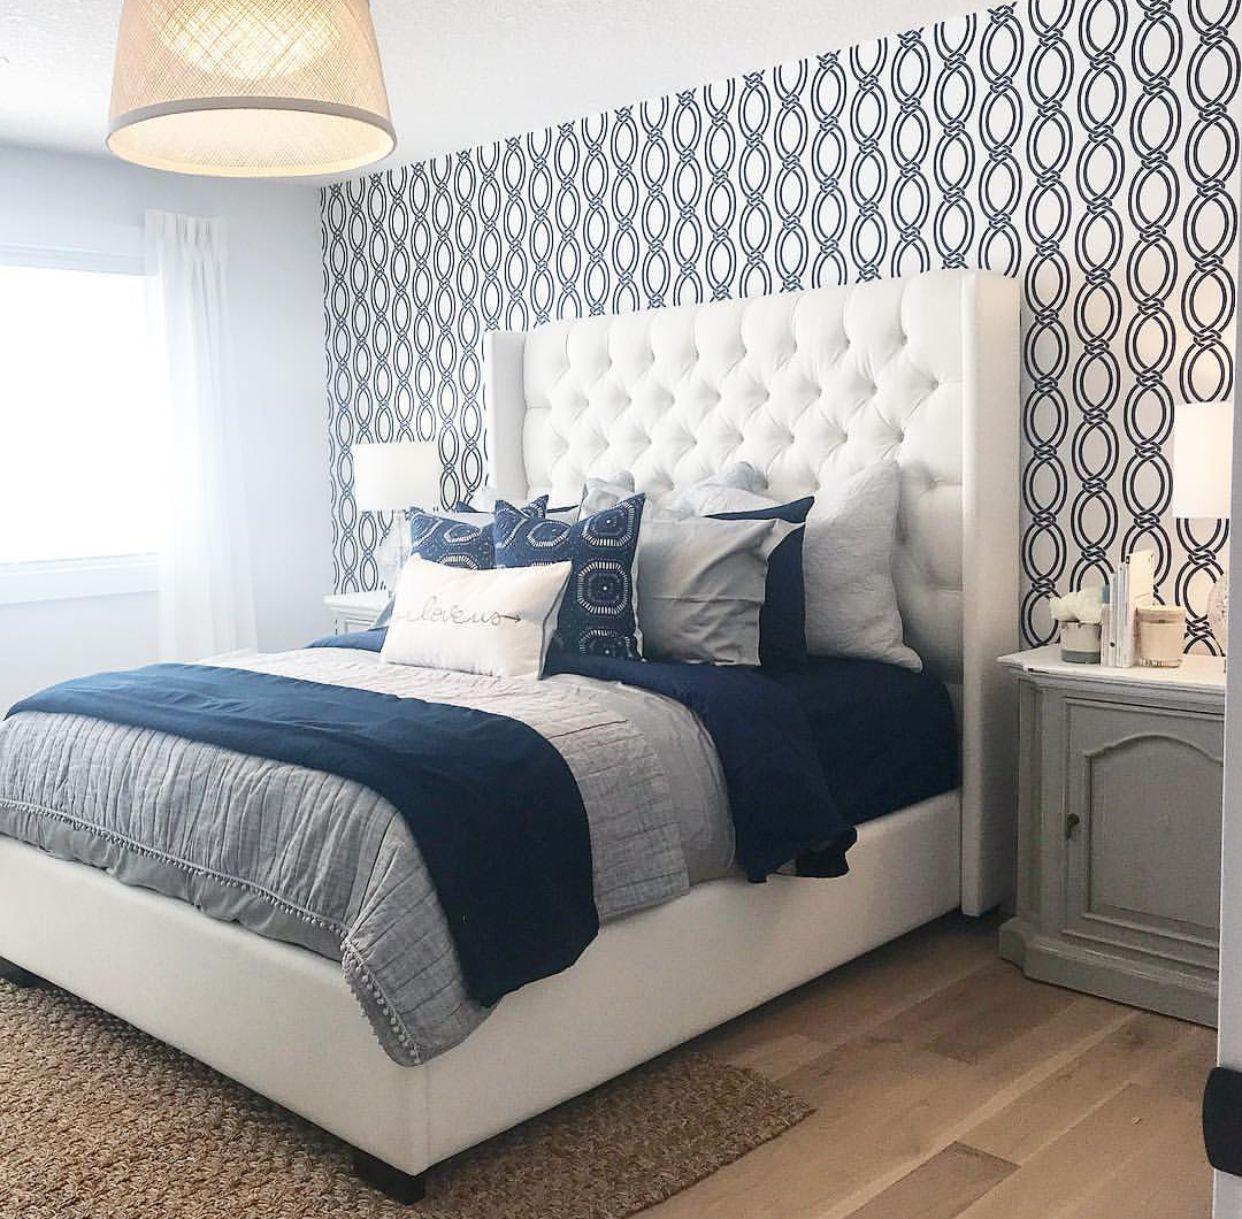 Master Bedroom by Laura Kingsley Witt Master bedroom